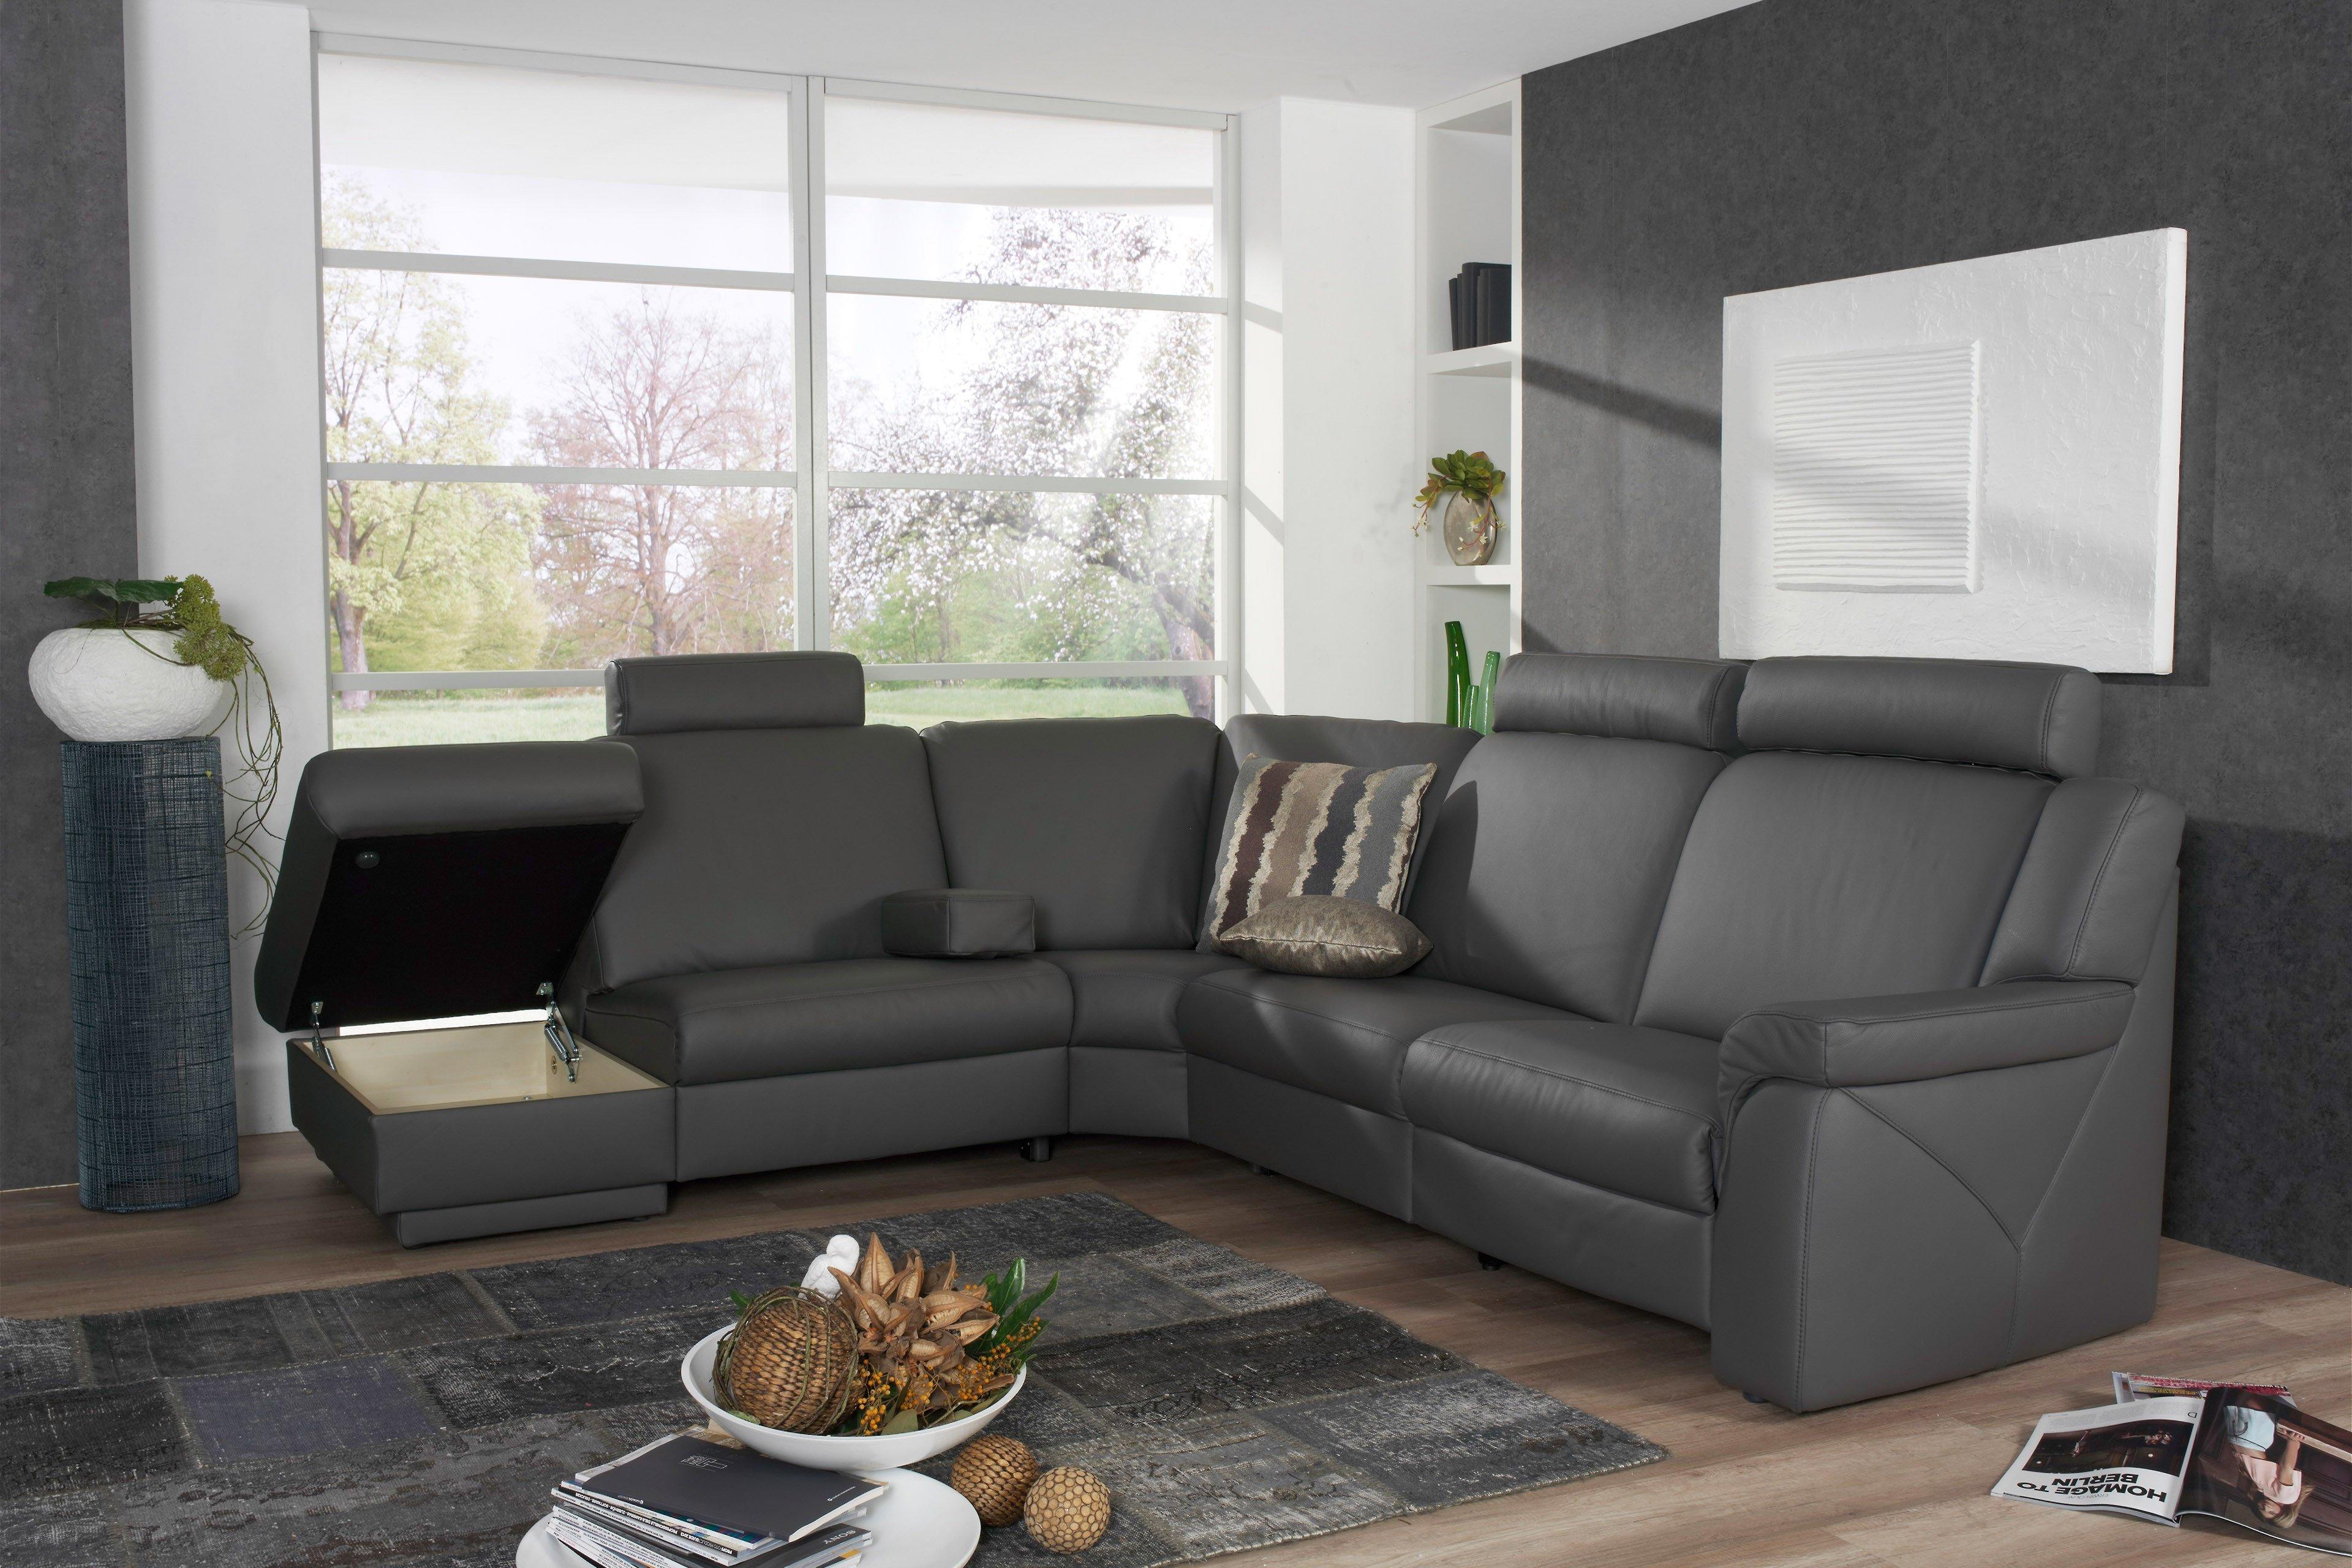 himolla polsterm bel 1500 halle wohnlandschaft in grau braun m bel letz ihr online shop. Black Bedroom Furniture Sets. Home Design Ideas